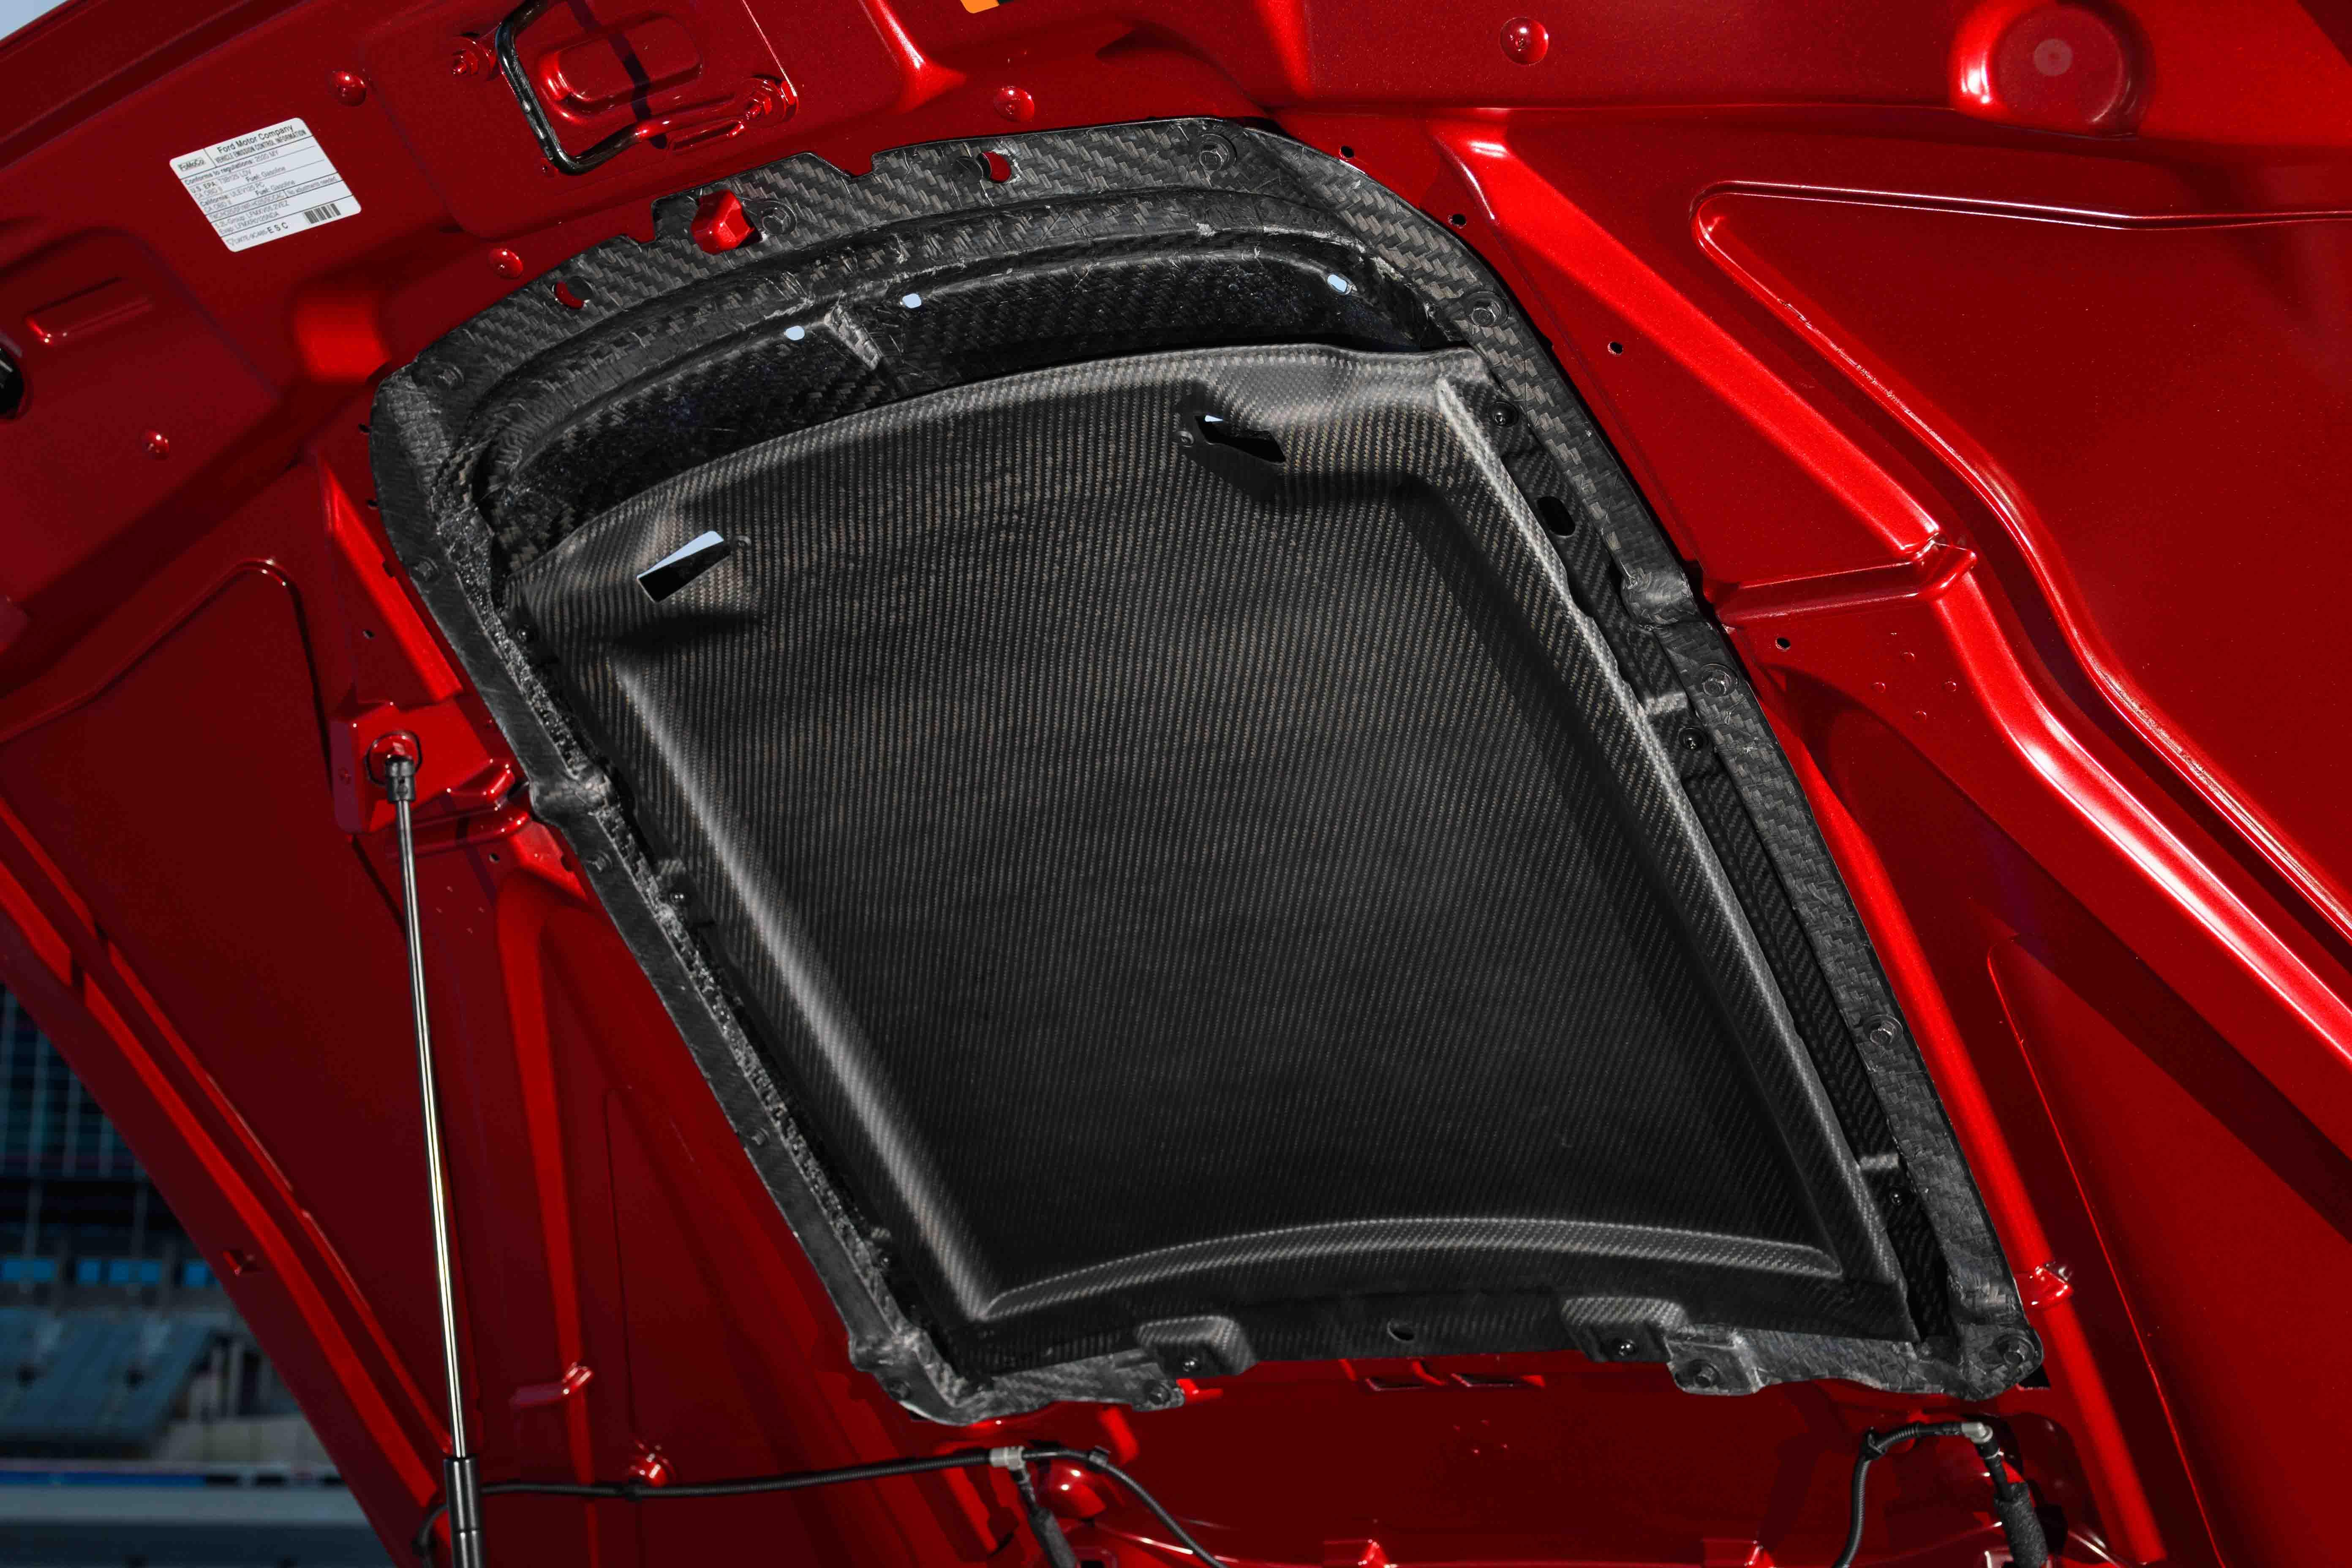 Mustang_GT_500_Carbon_Fiber_Rain_Tray_01.jpg